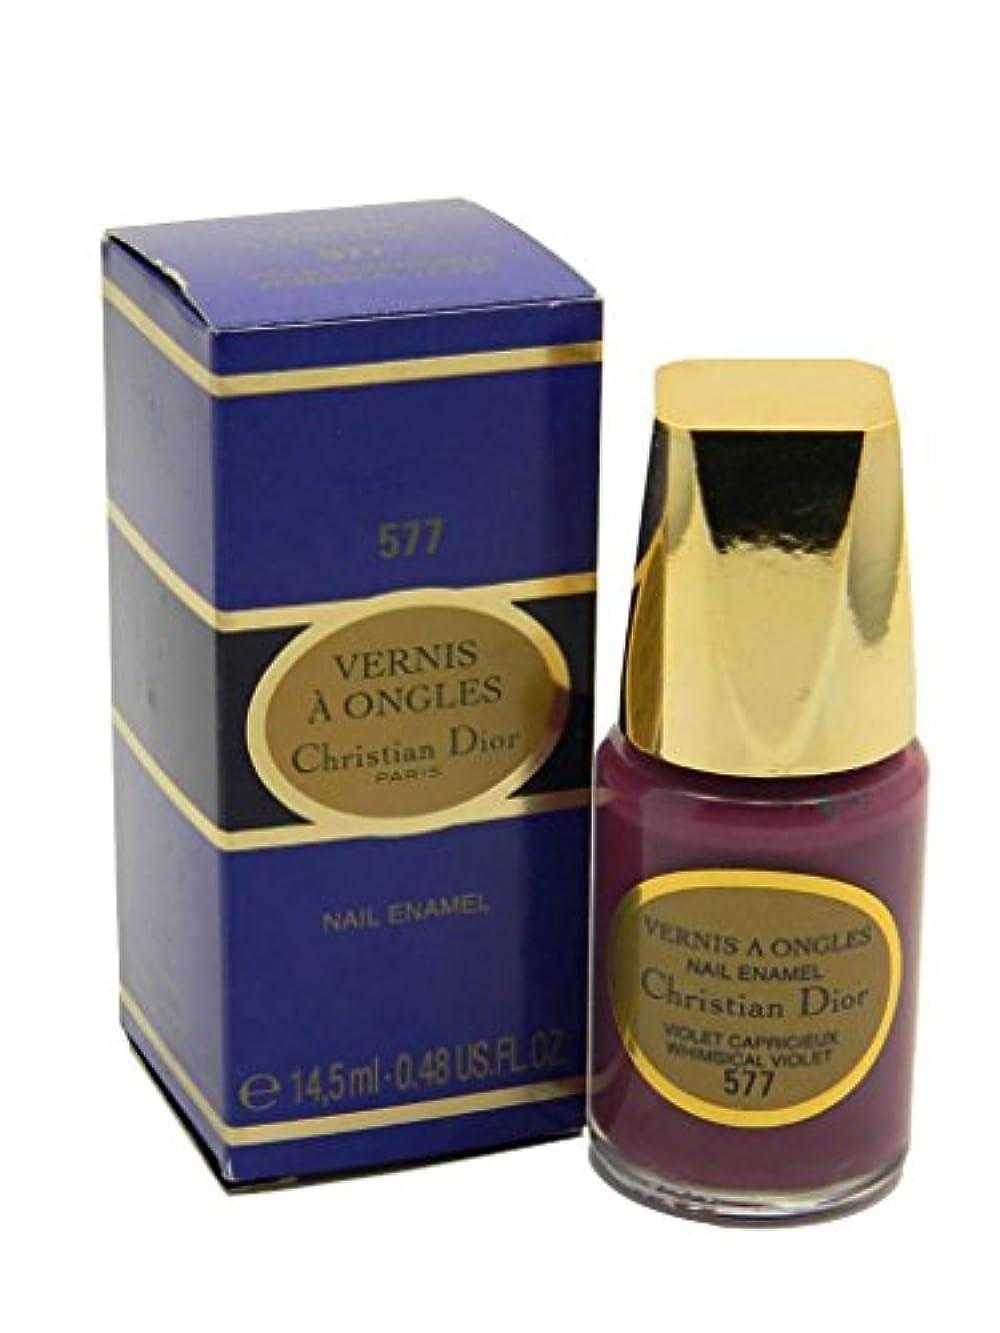 ケーブルカー感嘆符到着Dior Vernis A Ongles Nail Enamel Polish 577 Whimsical Violet(ディオール ヴェルニ ア オングル ネイルエナメル ポリッシュ 577 ウィムジカル バイオレット...